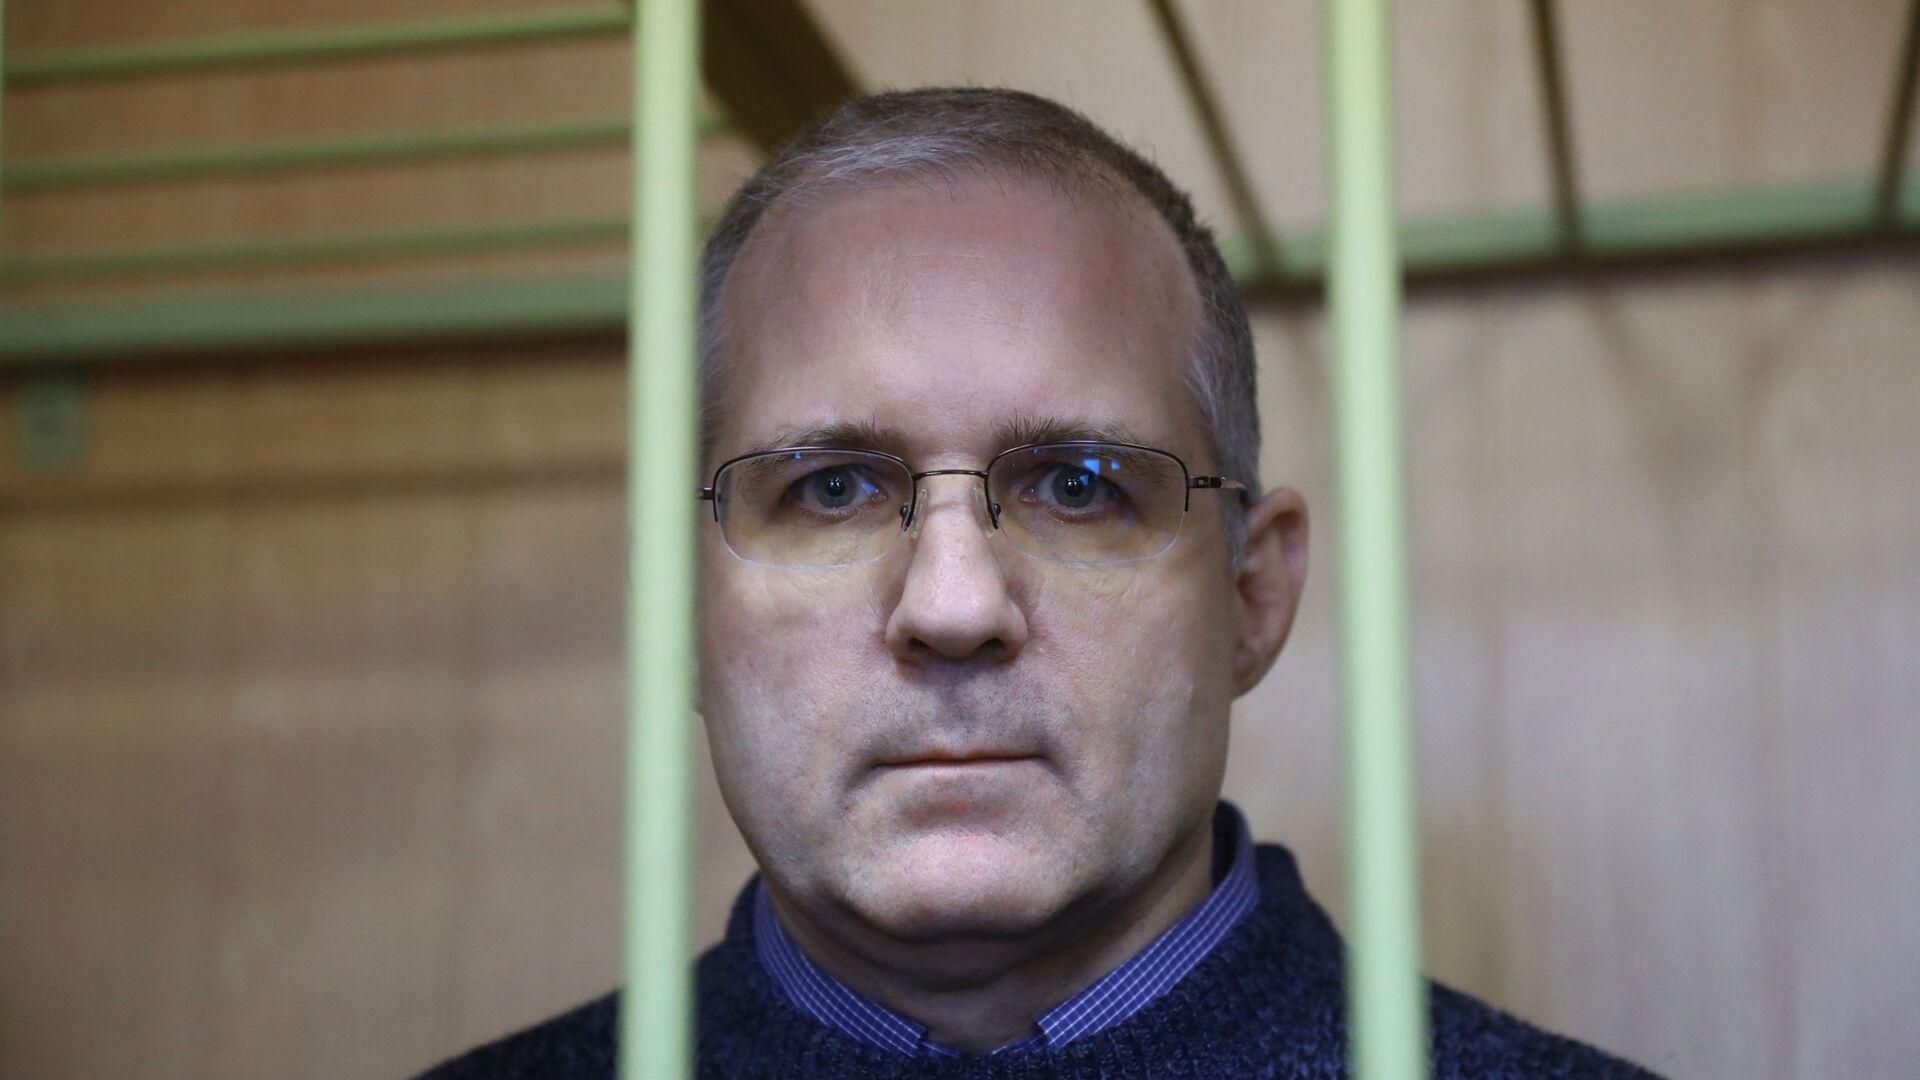 Paul Whelan, el presunto espía de EEUU detenido en Rusia - Sputnik Mundo, 1920, 16.06.2021